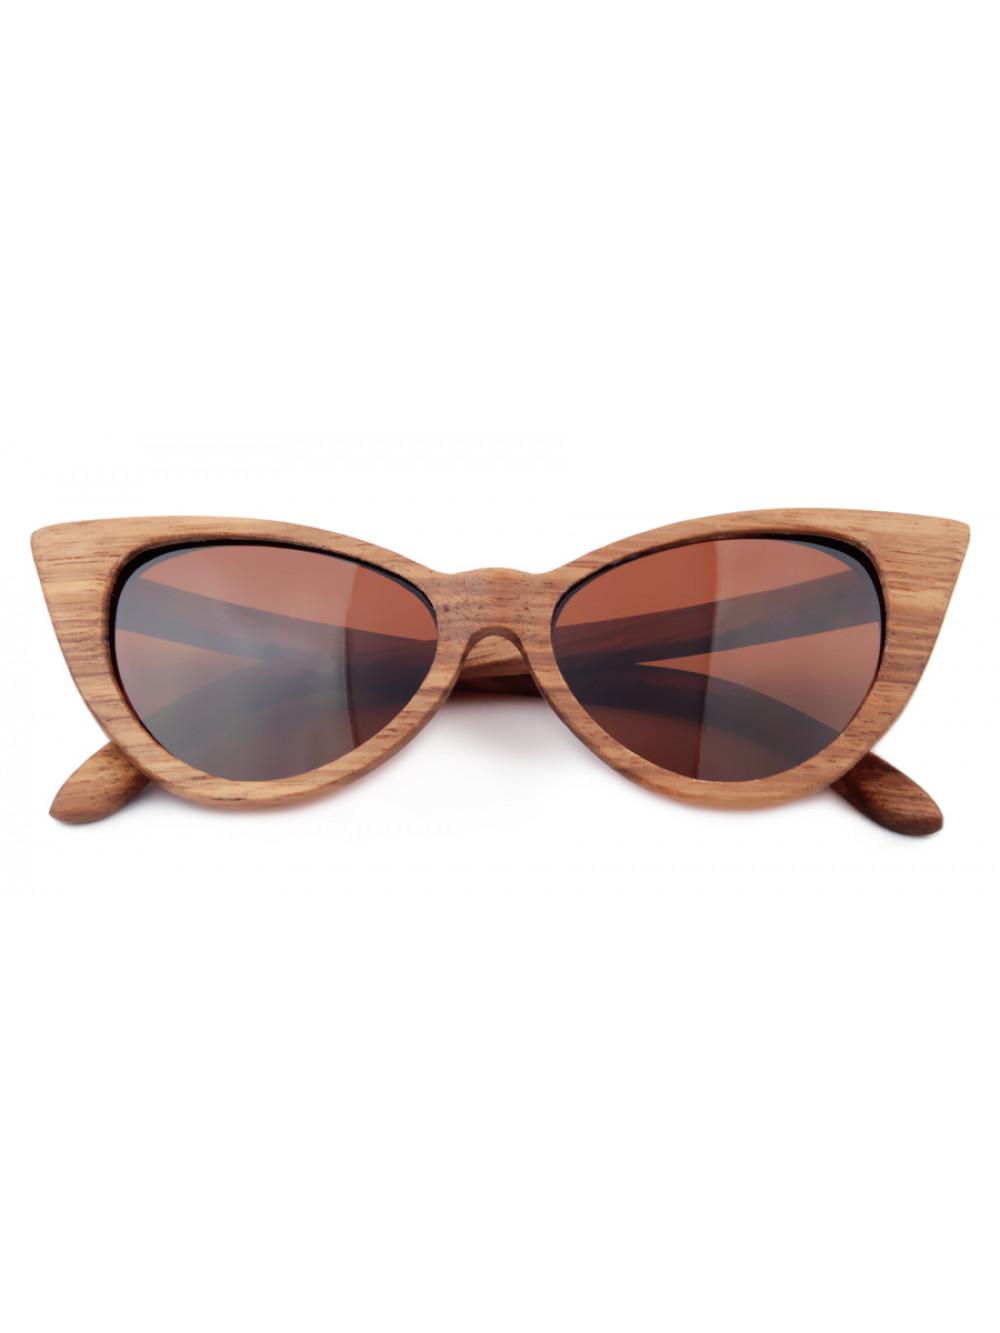 Drevené slnečné okuliare Brown Cat Eyes 01f6fbf487e